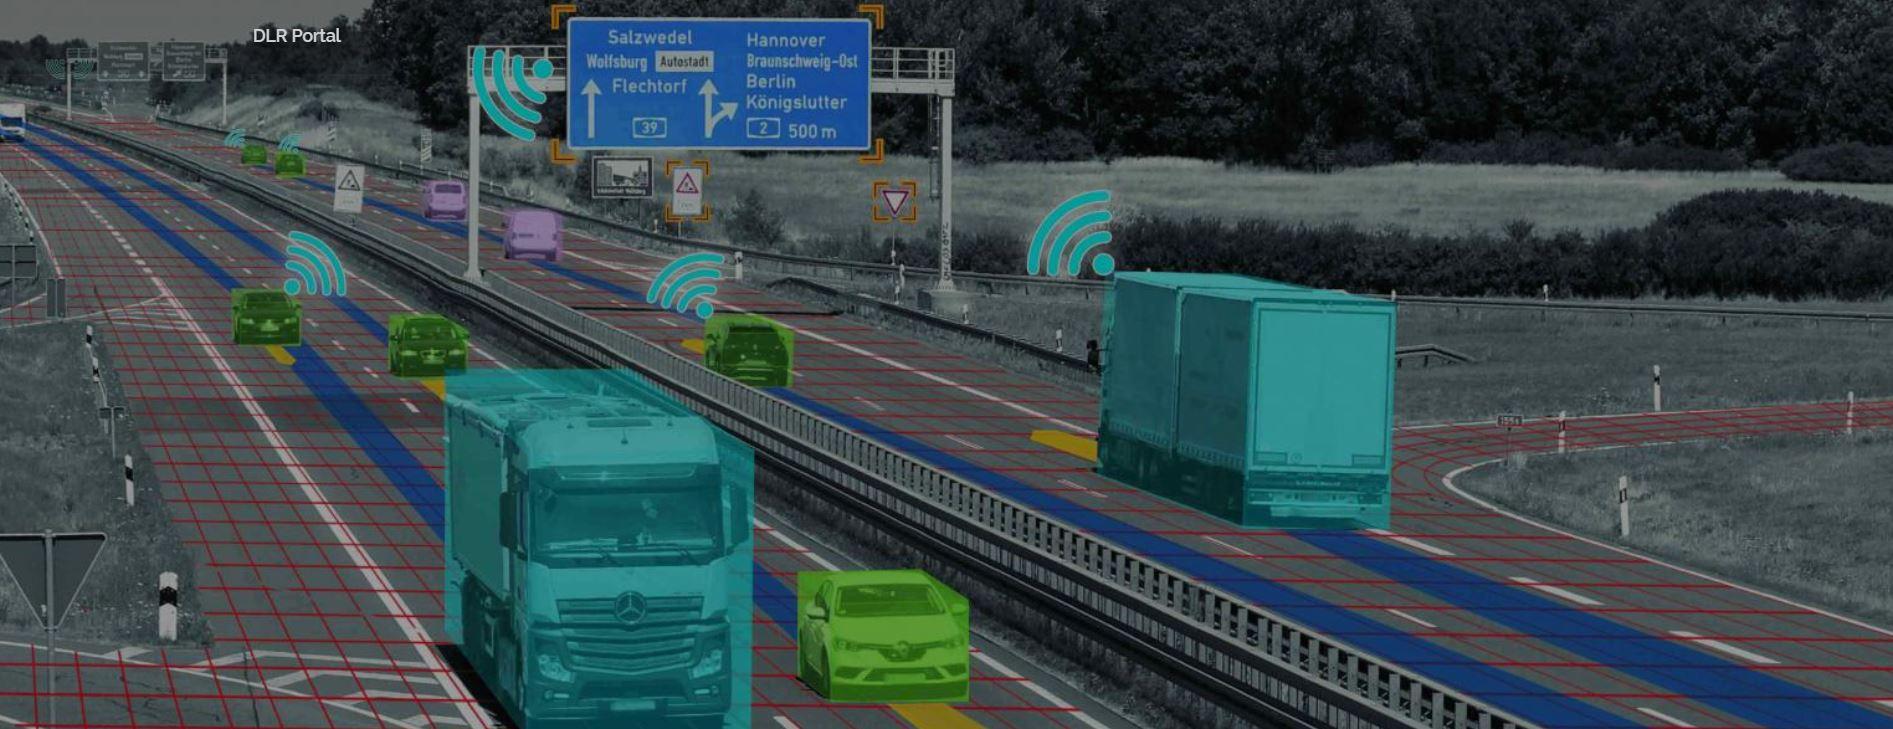 Symbolbild zur Darstellung der Sensorik auf dem Testfeld Niedersachsen mit verschiedenen Fahrzeugen